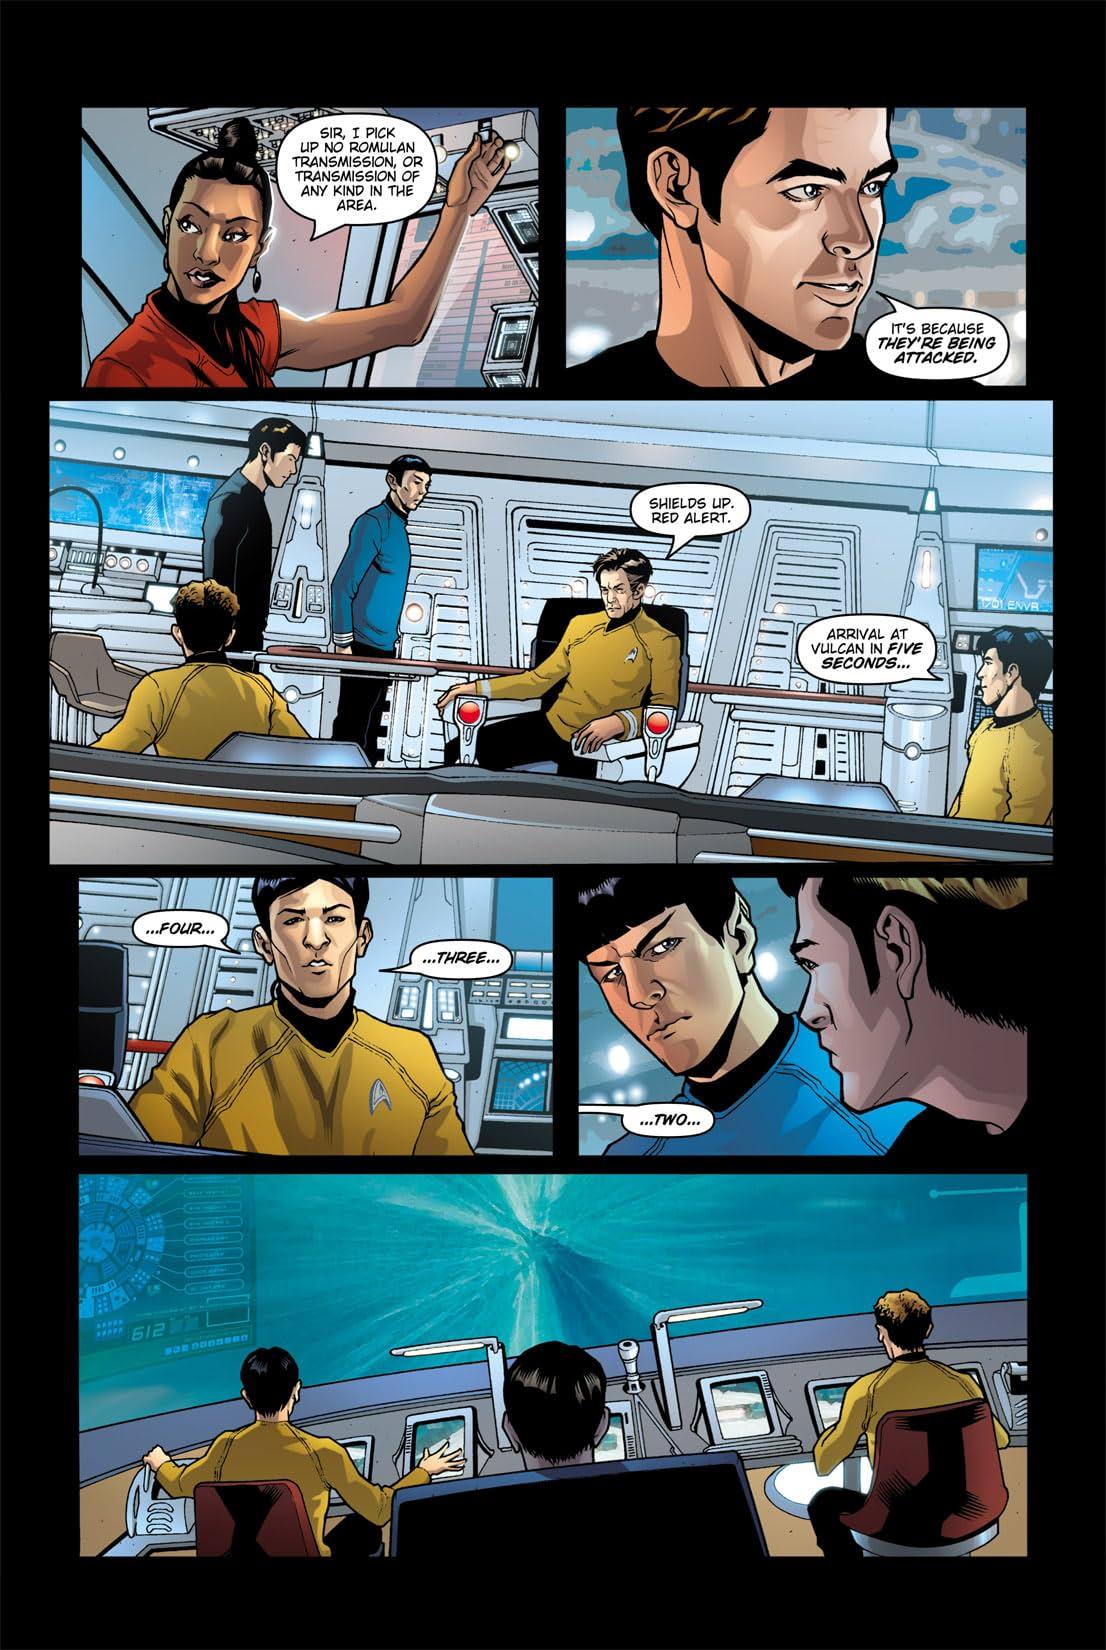 Star Trek: Movie Adaptation #4